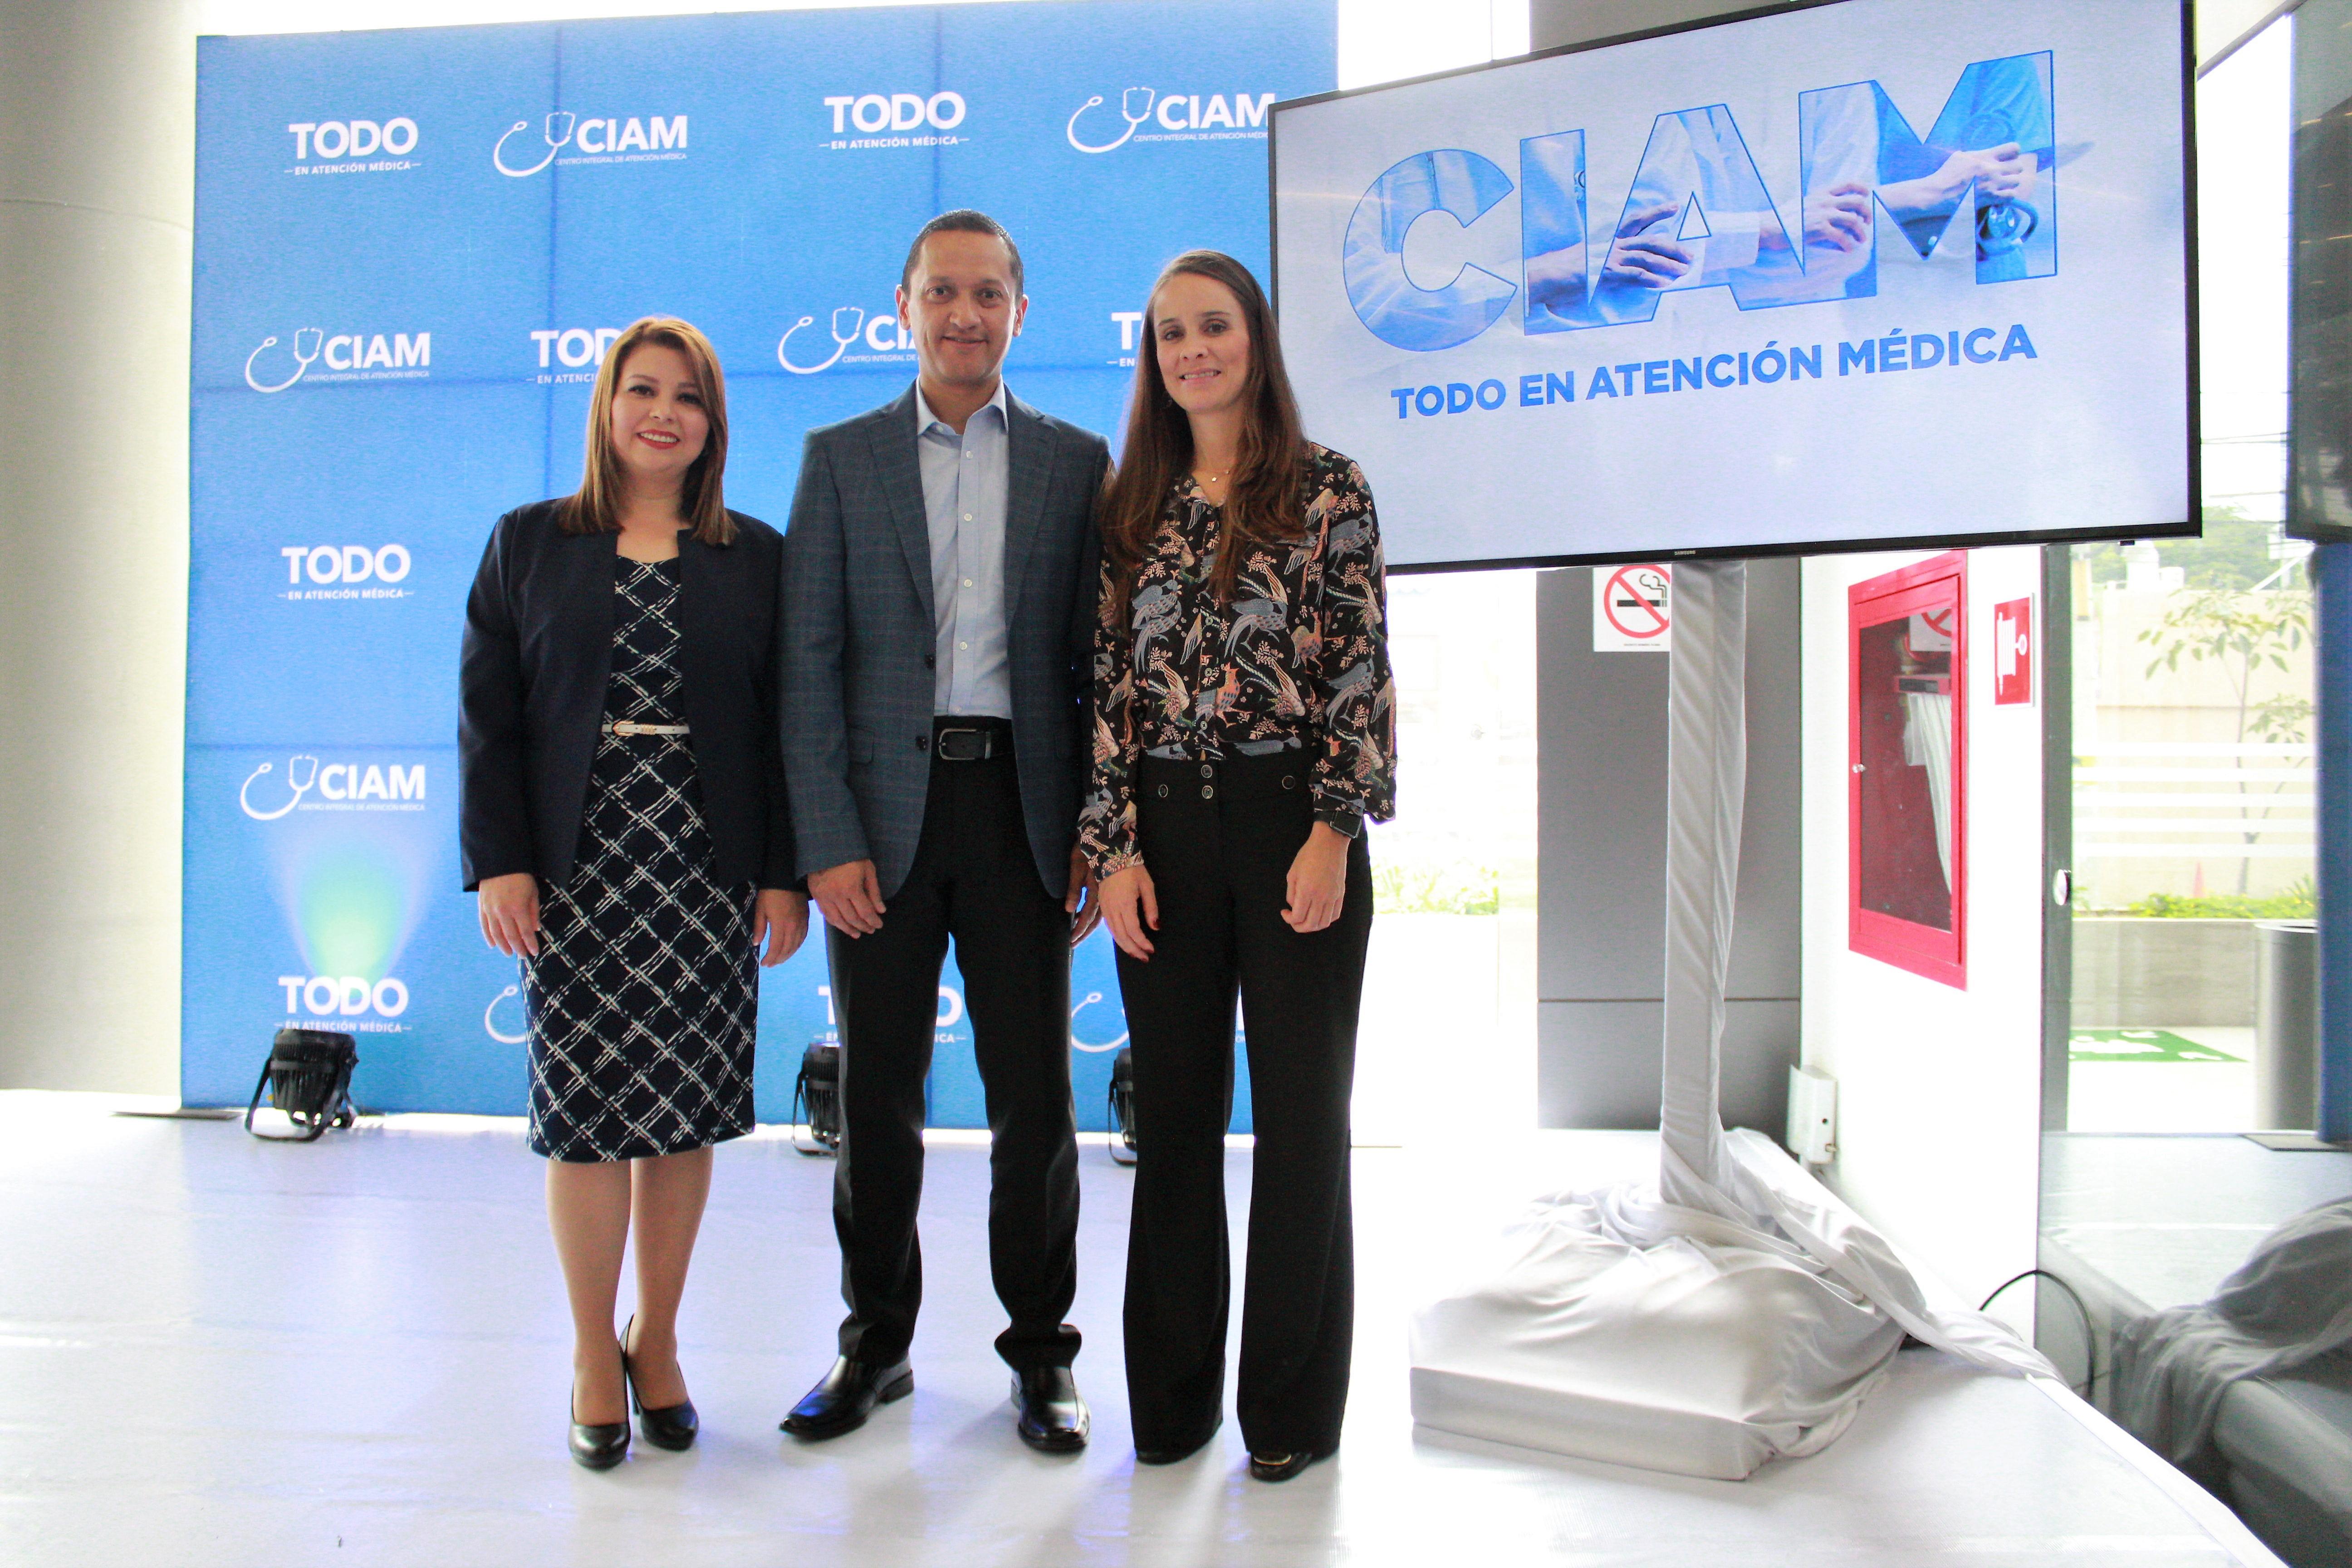 Representantes de CIAM presentaron la nueva opción de cuidados primarios